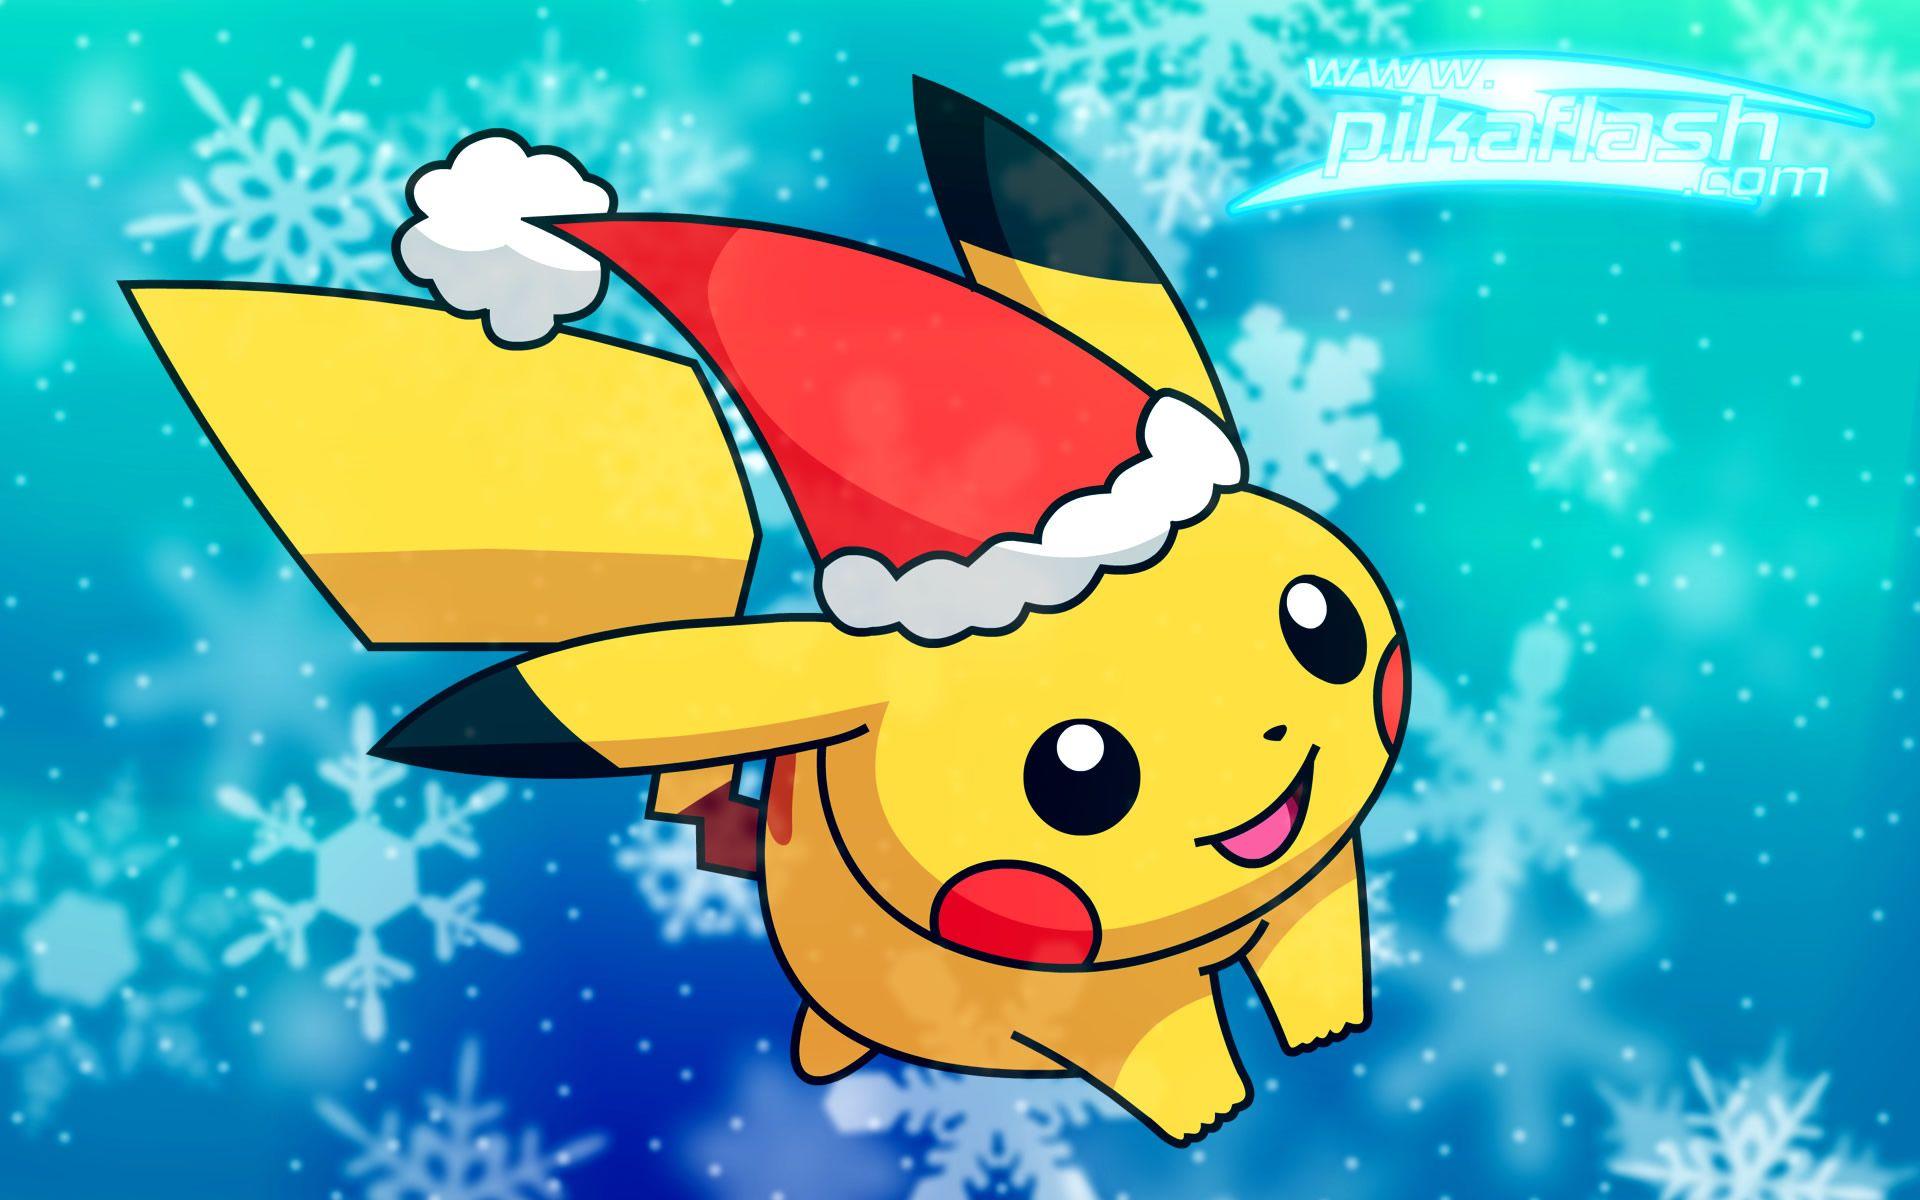 Pokemon Wallpaper Pokemon Pikachu Wallpaper Cute Pokemon Wallpaper Christmas Pokemon